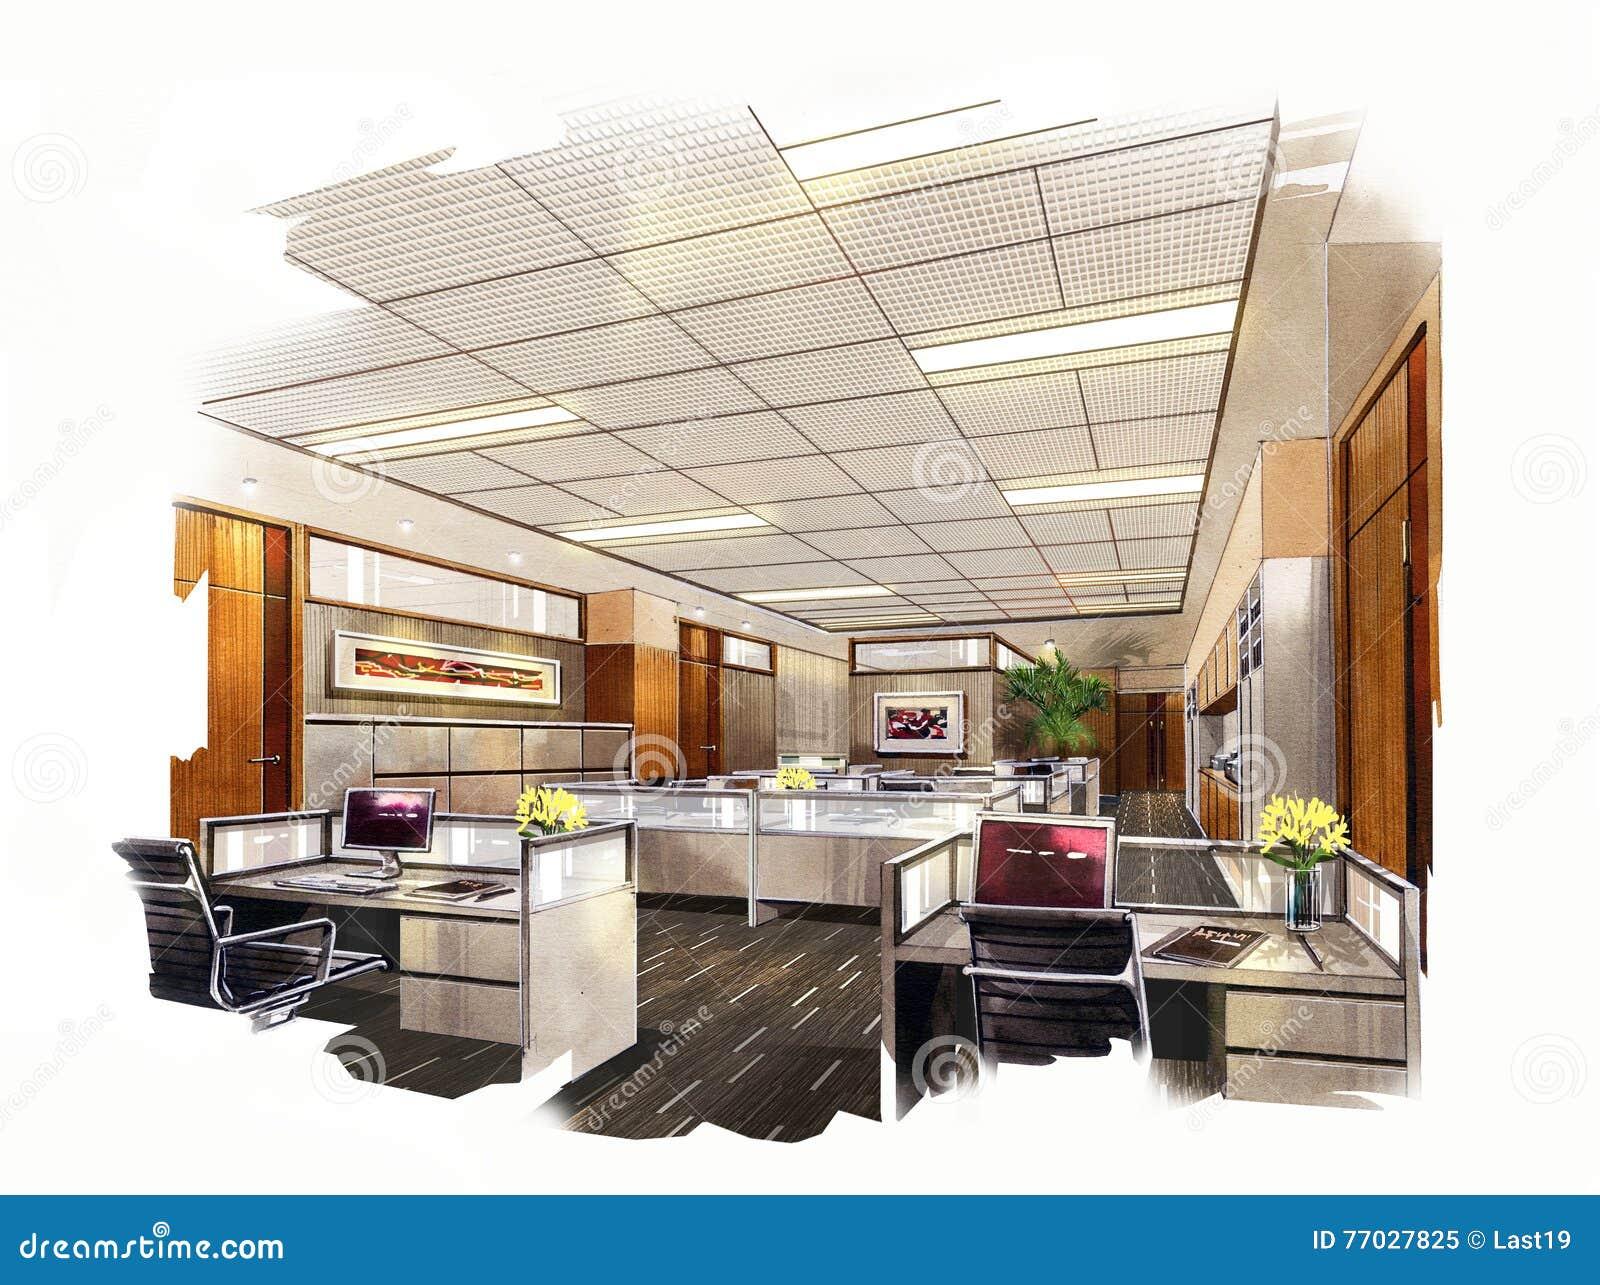 awesome chambre moderne en perspective images design. Black Bedroom Furniture Sets. Home Design Ideas